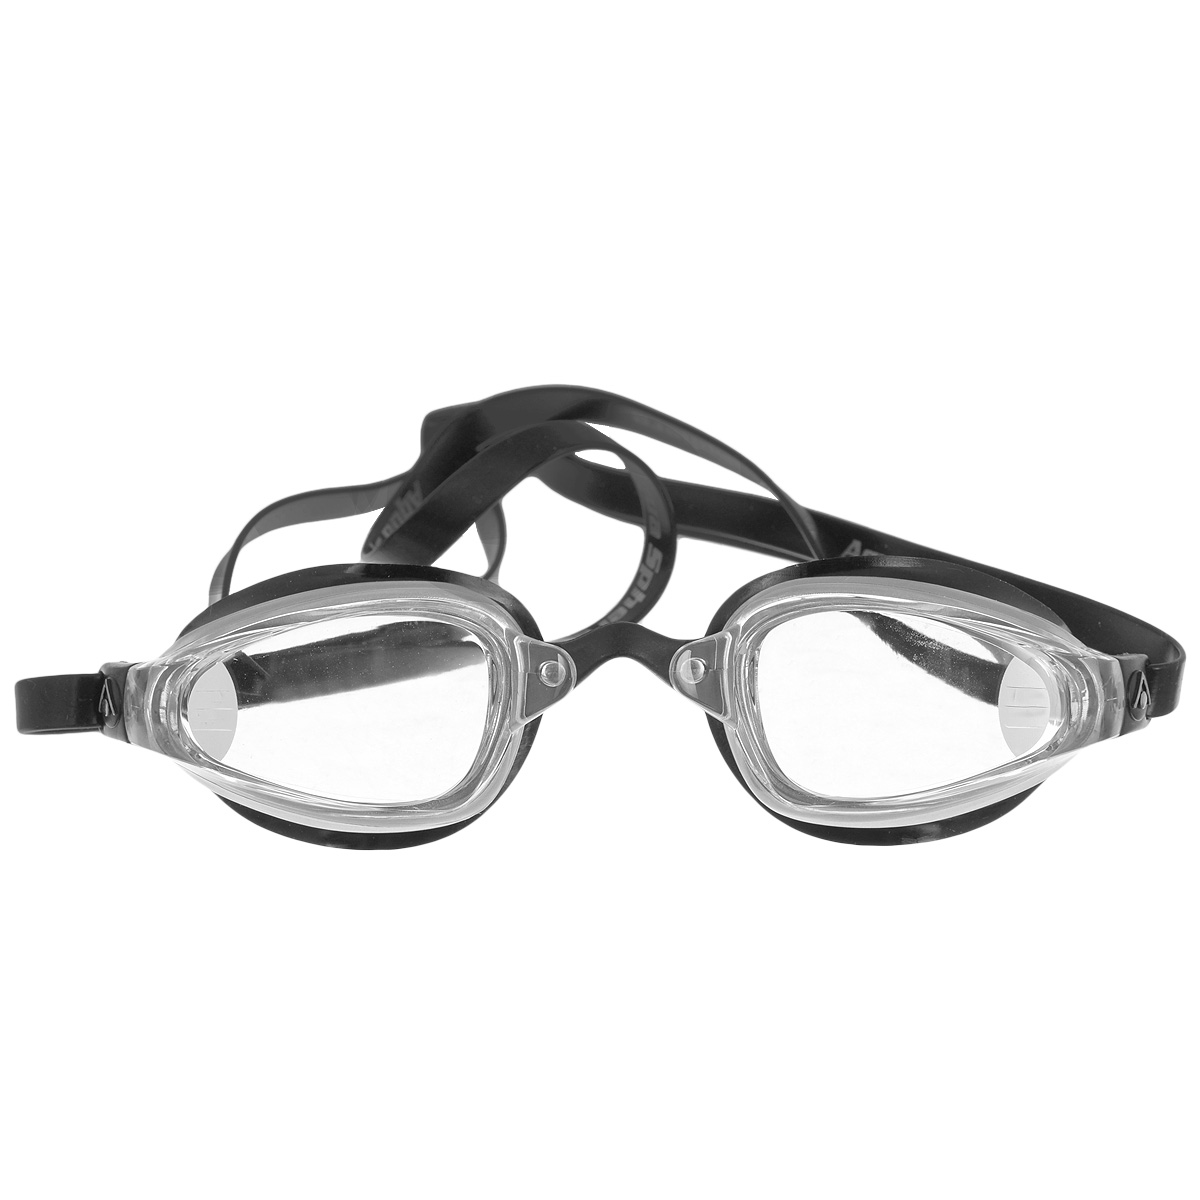 Очки для плавания Aqua Sphere K180, цвет: черный, прозрачныйTN 173000Aqua Sphere K180 - это первые очки для скоростного плавания, обладающие панорамным обзором в 180°, который достигается благодаря очень близкому расположению линз к глазам. Благодаря сменным перемычкам можно менять расстояние между линзами. Очки дают 100% защиту от ультрафиолетового излучения.В комплекте 3 сменных перемычки.